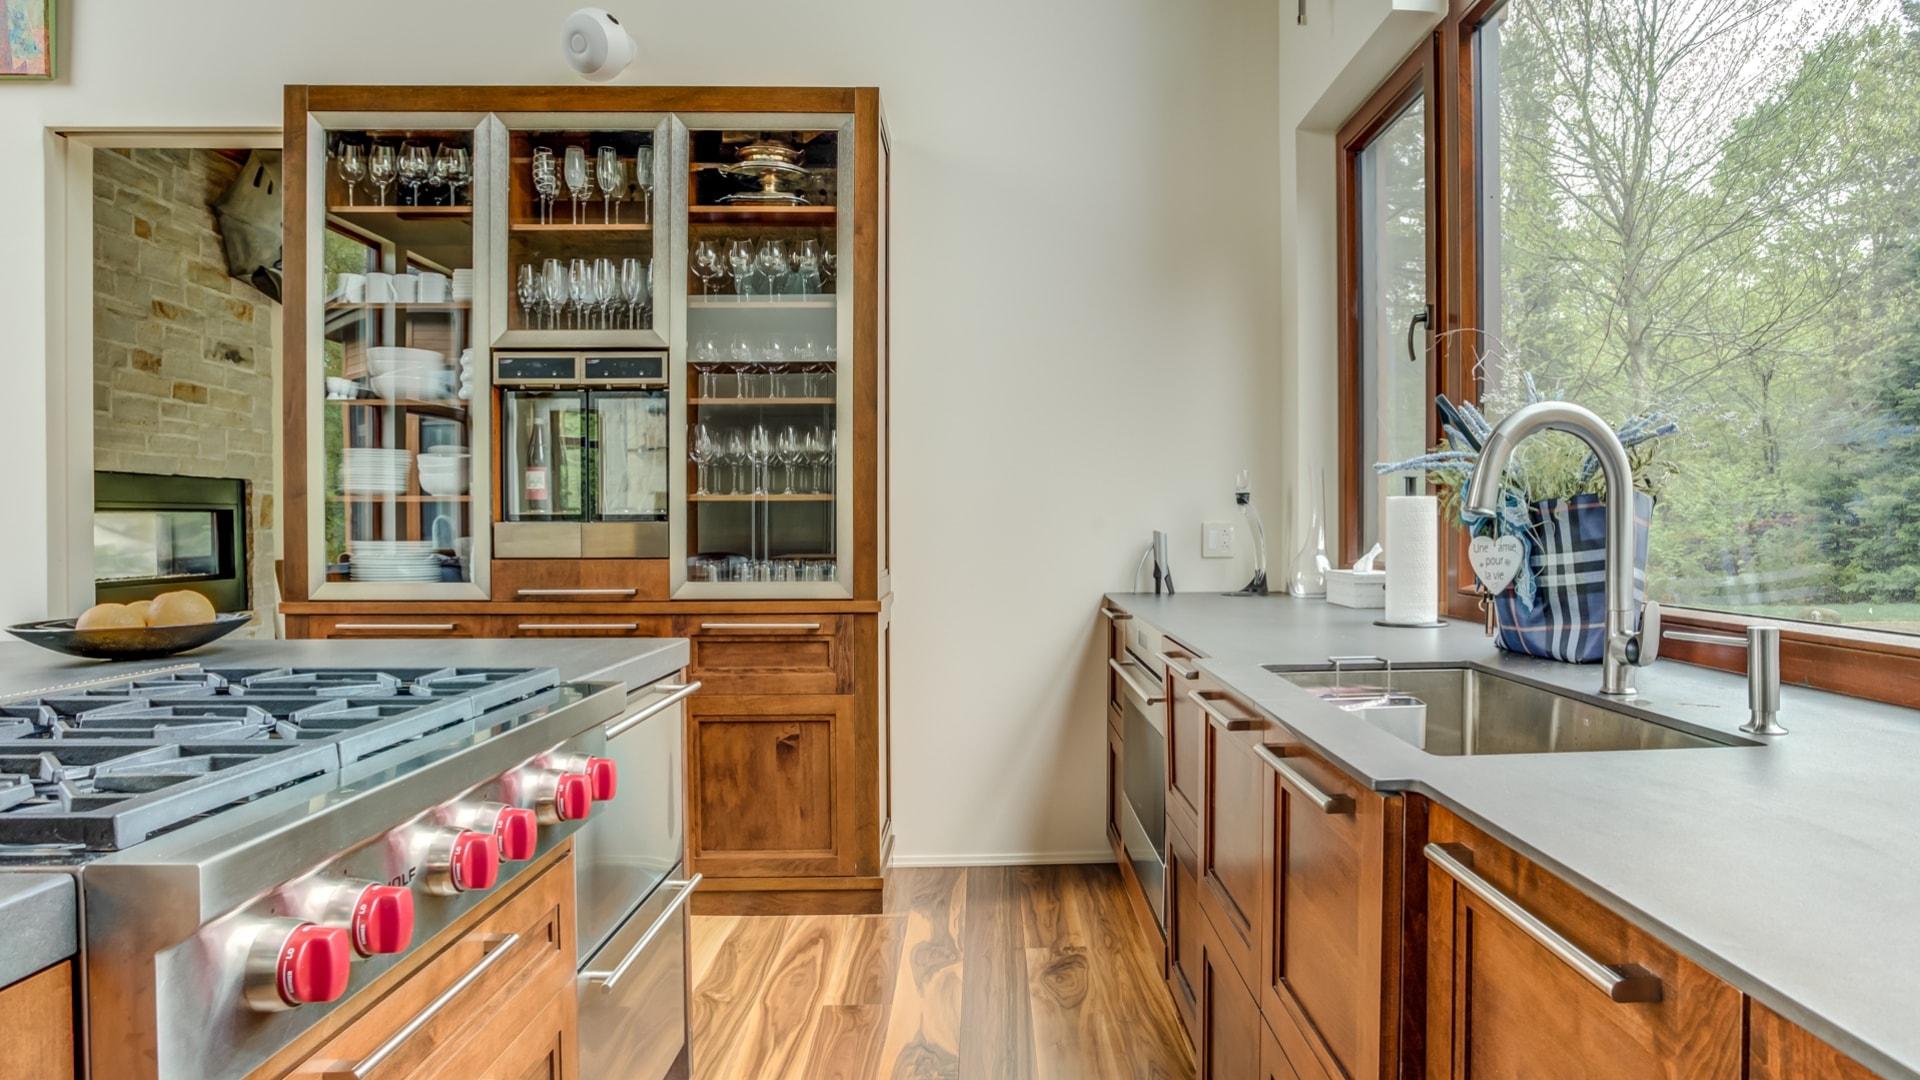 Cuisine contemporaine comprenant une haute armoire en érable. Une partie des portes de cette armoires sont vitrées.